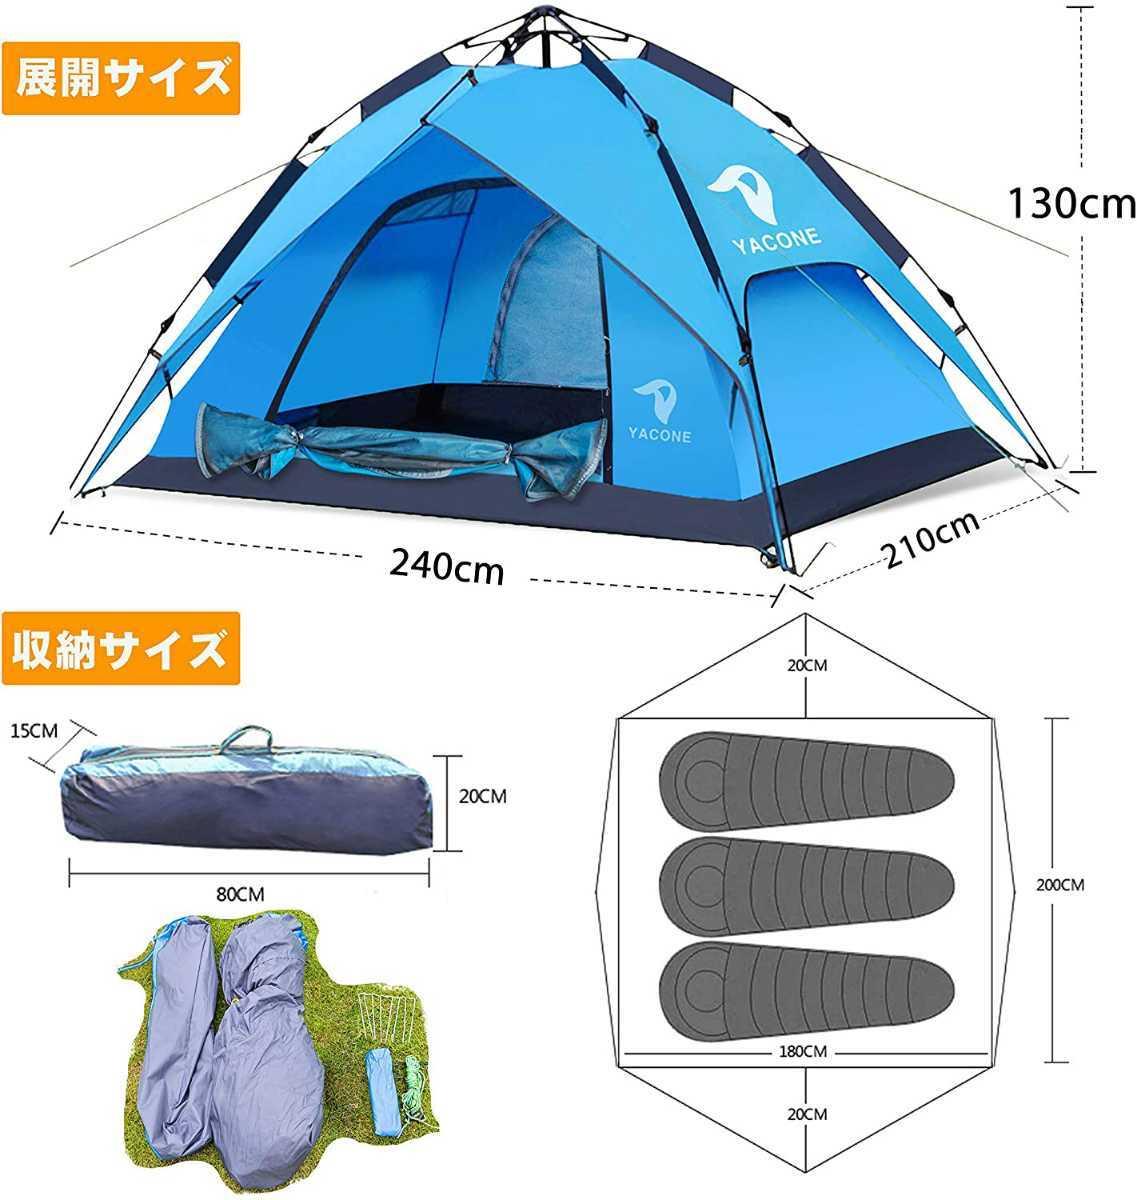 ブルー YACONE テント 3~4人用 ワンタッチテント 二重層 ワンタッチ2WAY テント 設営簡単 uvカット加工 防風防水 折りたたみ 超軽量 防災用